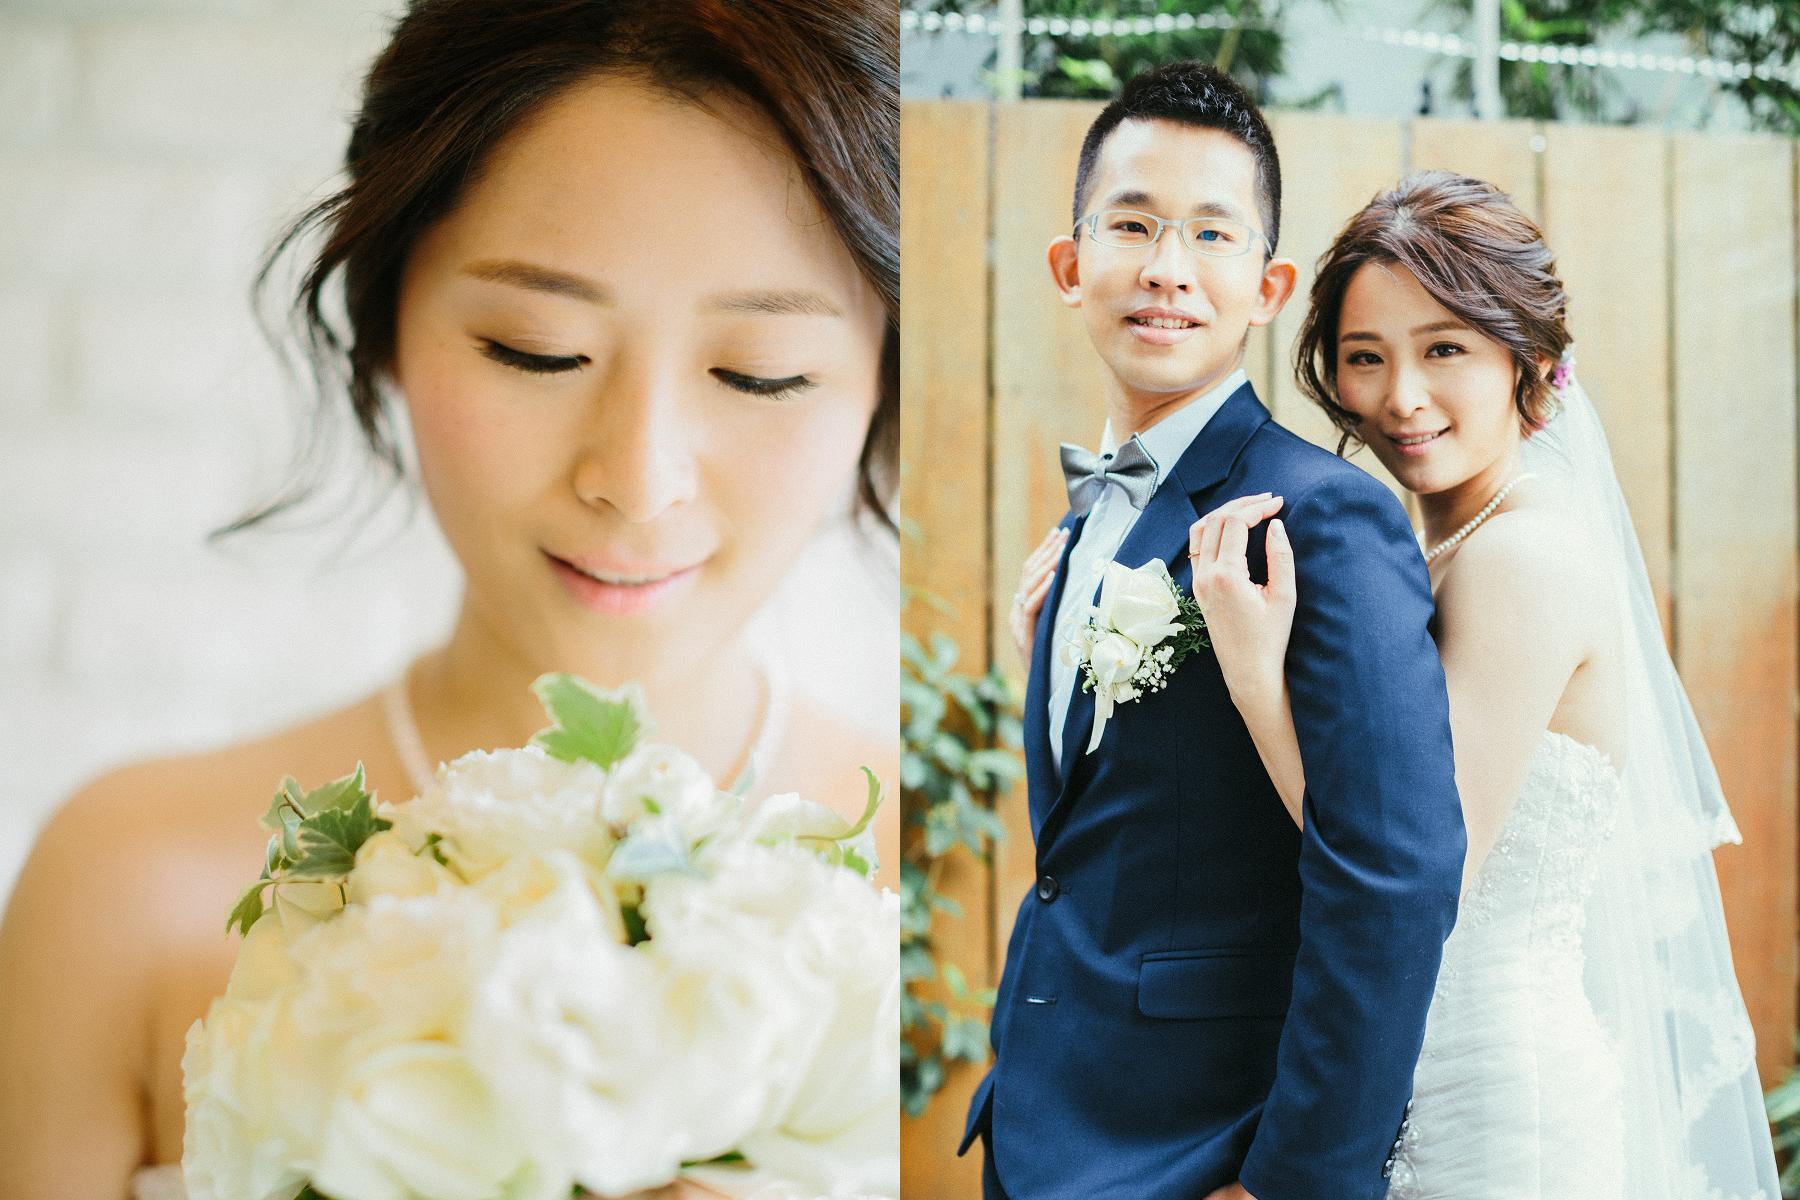 婚攝推薦、婚禮紀錄、新生兒拍攝推薦、婚禮婚紗-0017-1.jpg